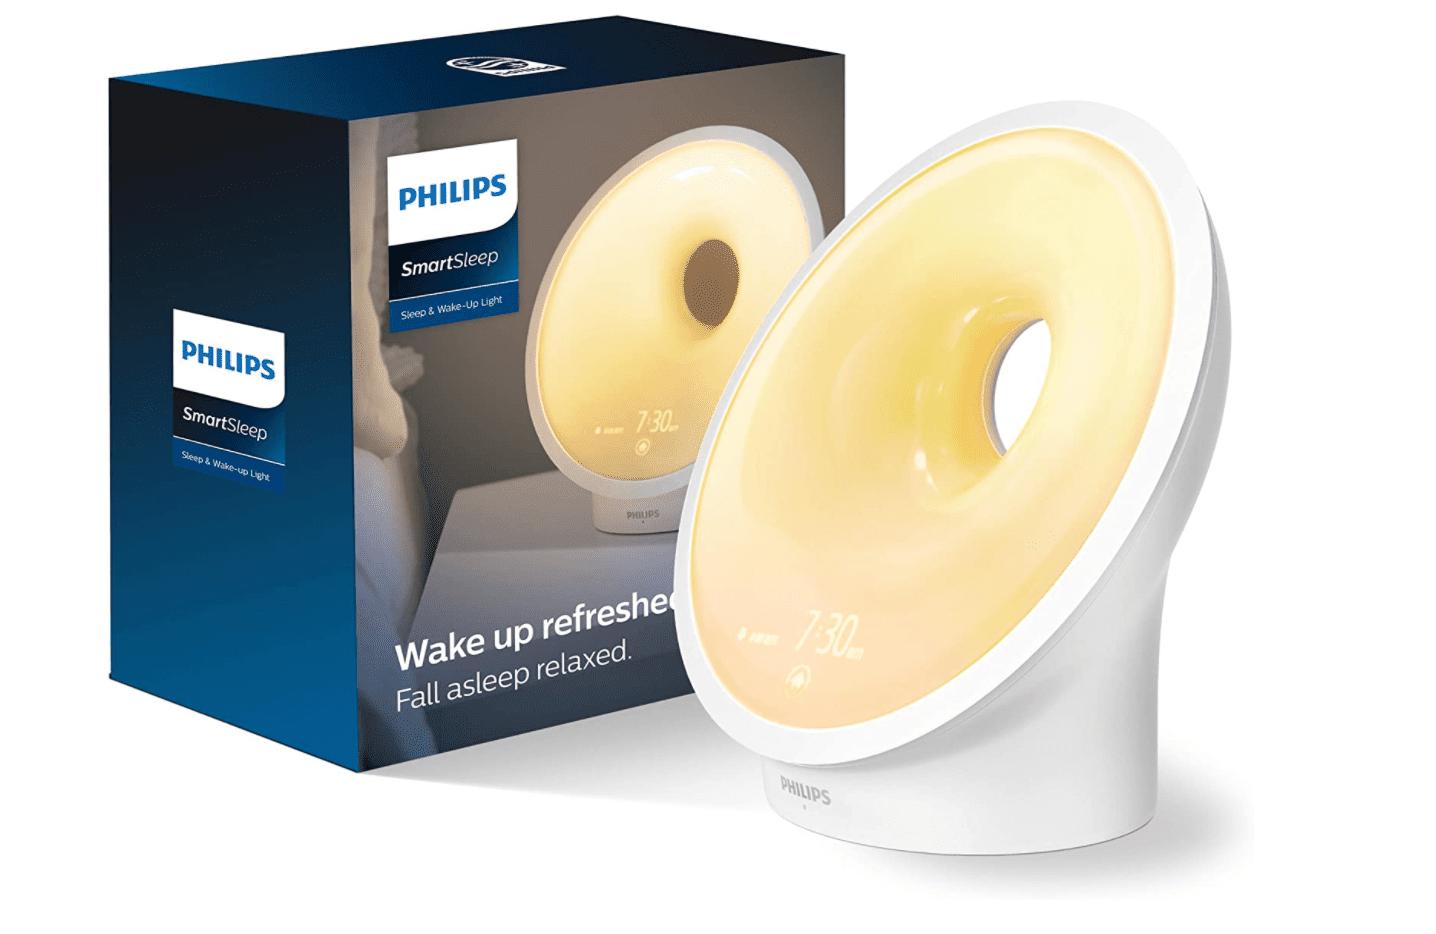 Philips SmartSleep Sleep & Wake-up Light Therapy Lamp